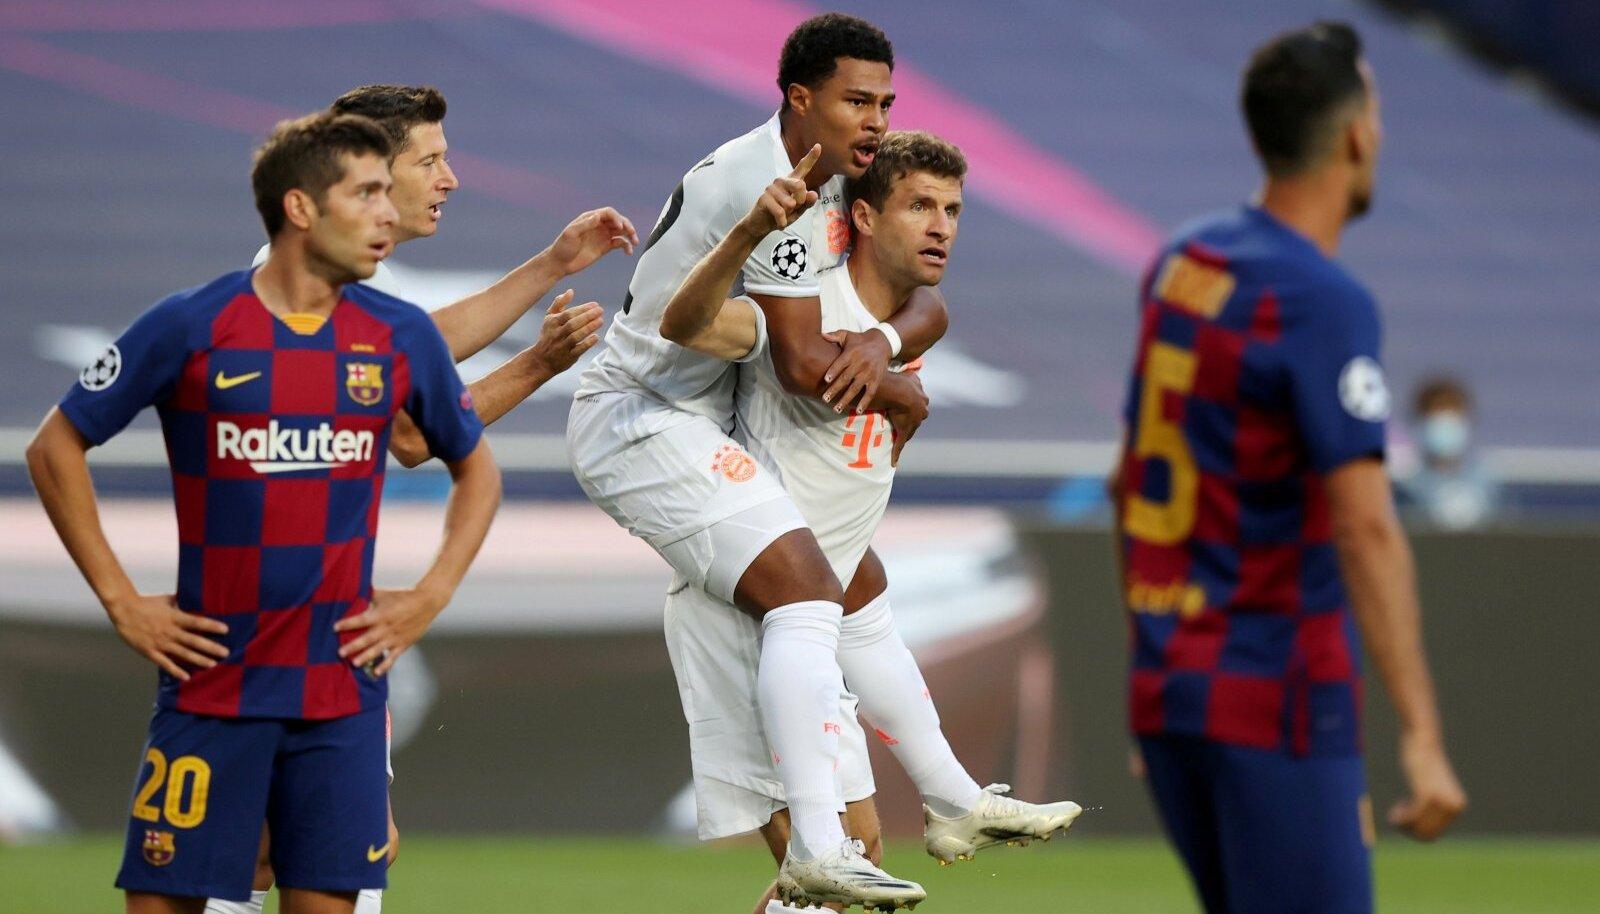 Meistrite liiga uues formaadis oleks rohkem parimate vastasseise. Näiteks võiks tihedamini näha Müncheni Bayerni ja FC Barcelona kohtumisi.